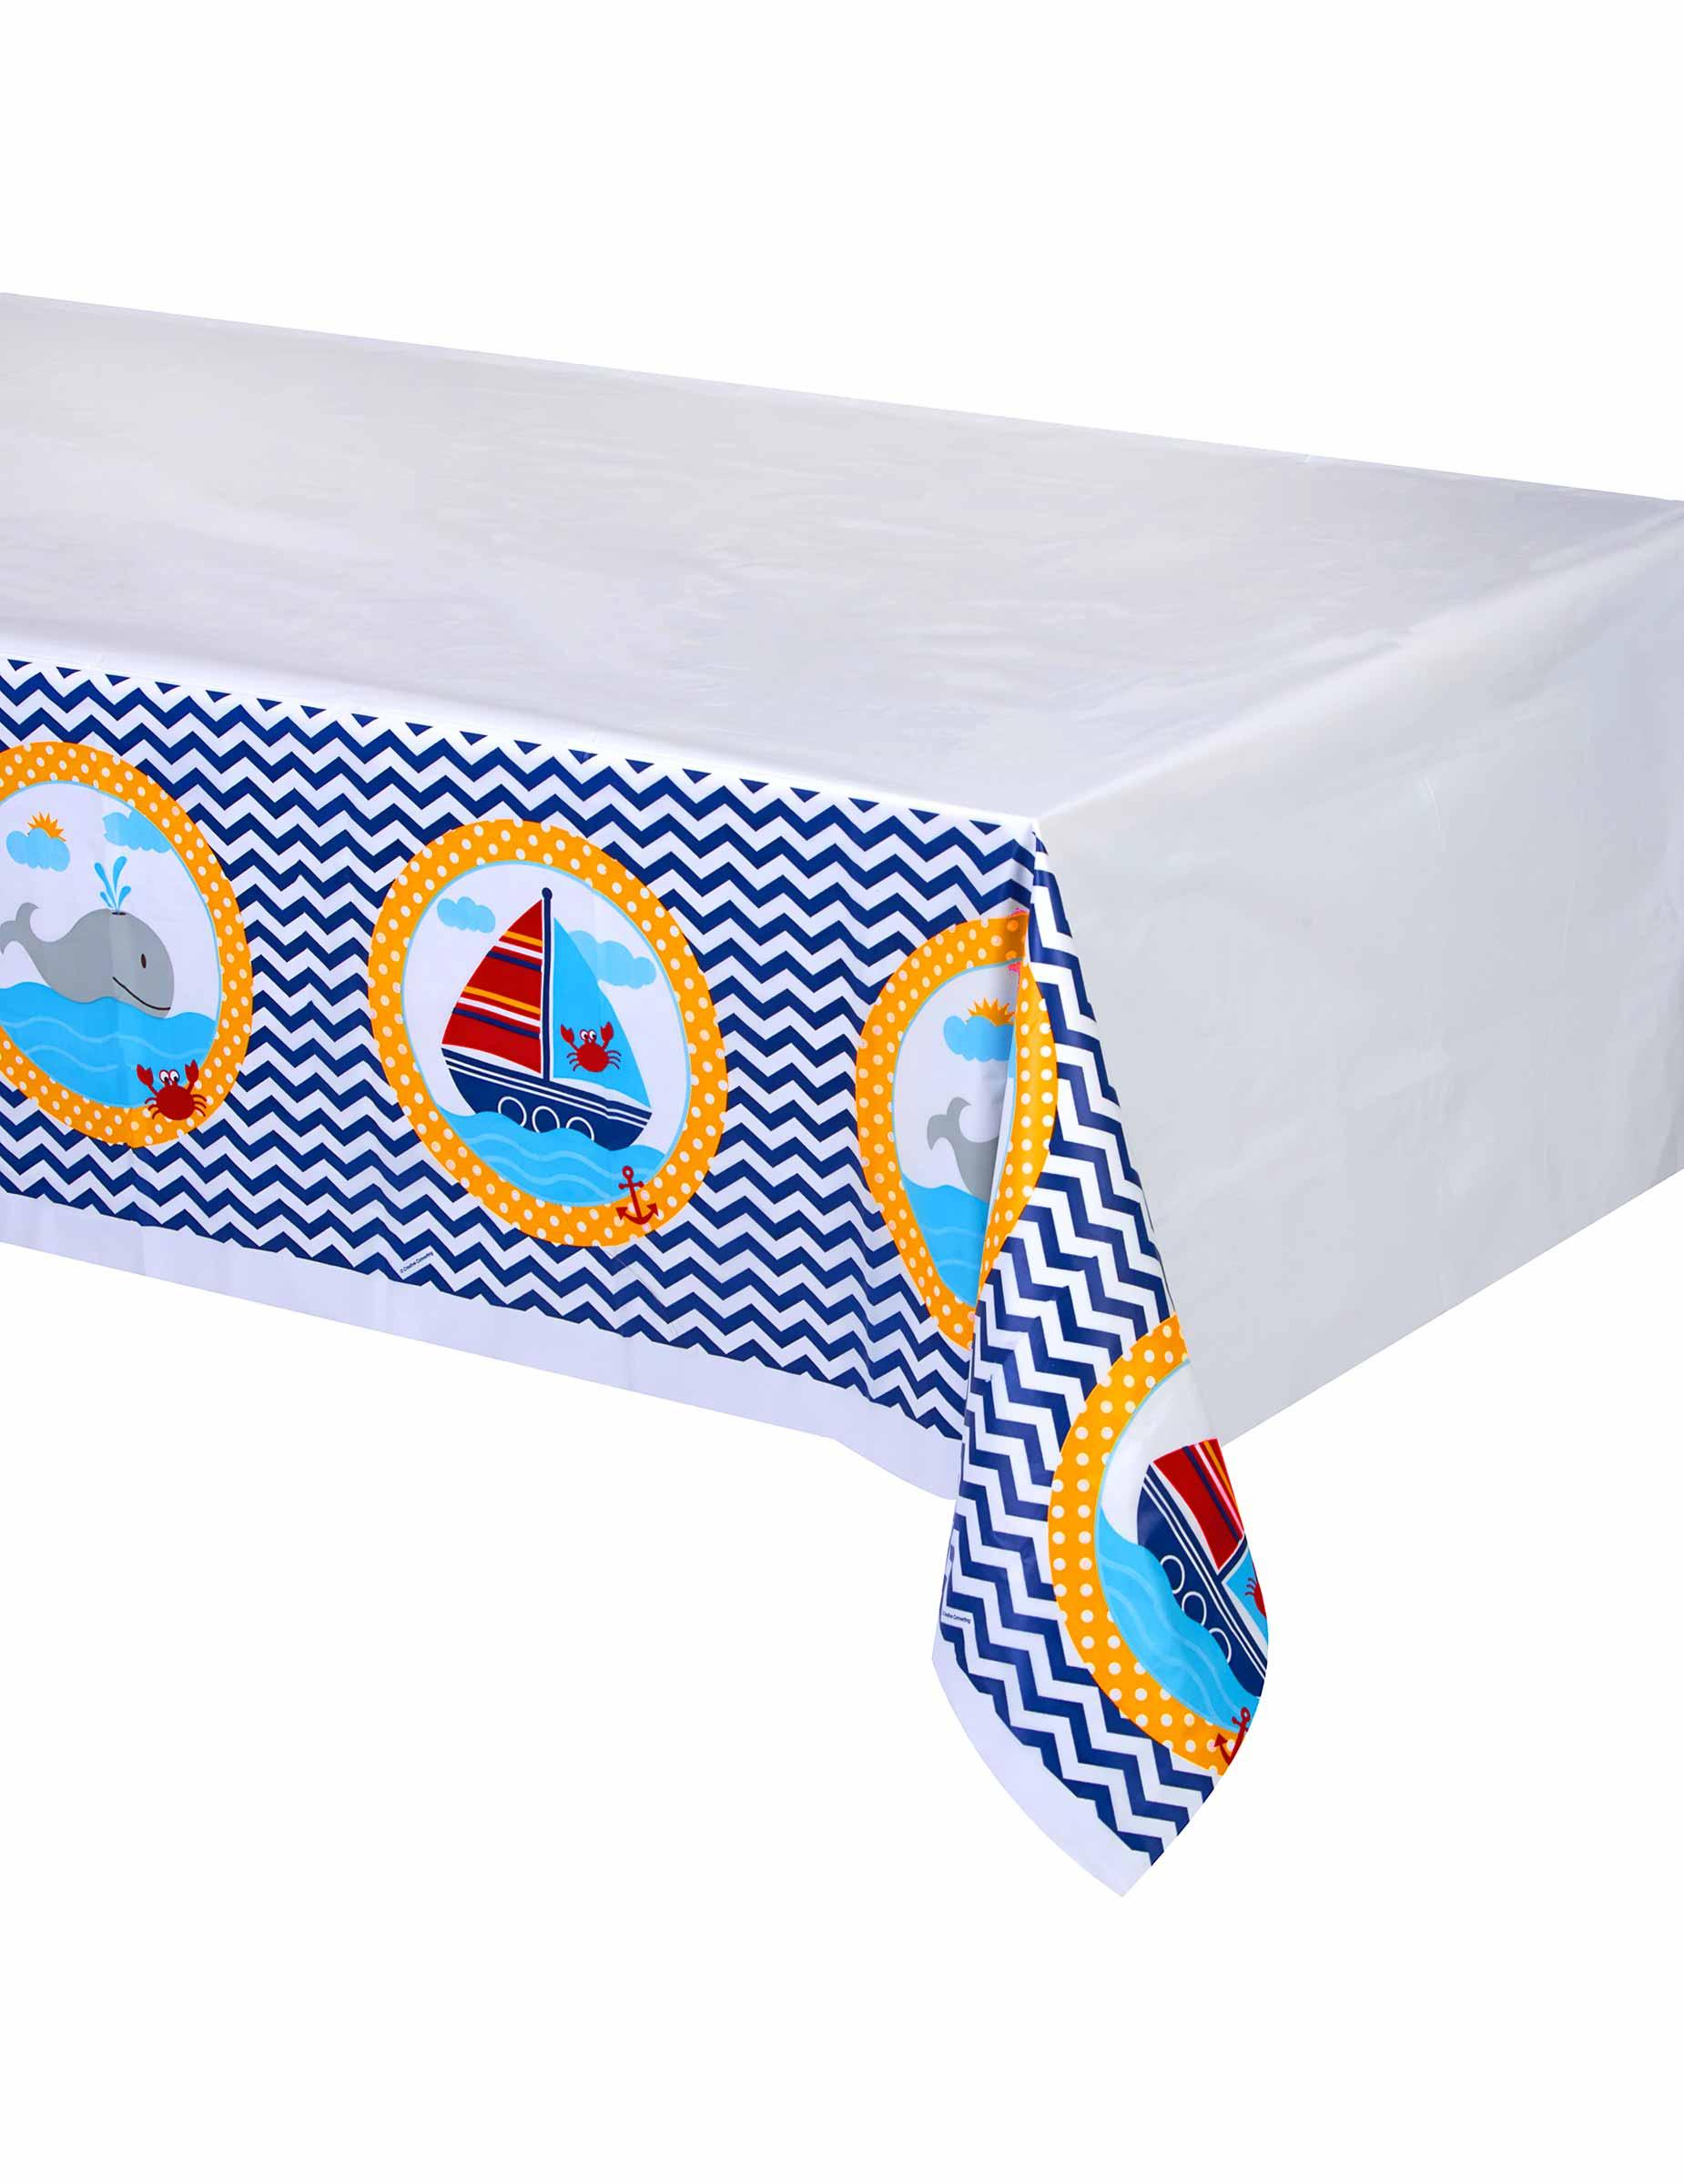 seemann tischdecke in der gr e 130 x 260 cm g nstige. Black Bedroom Furniture Sets. Home Design Ideas